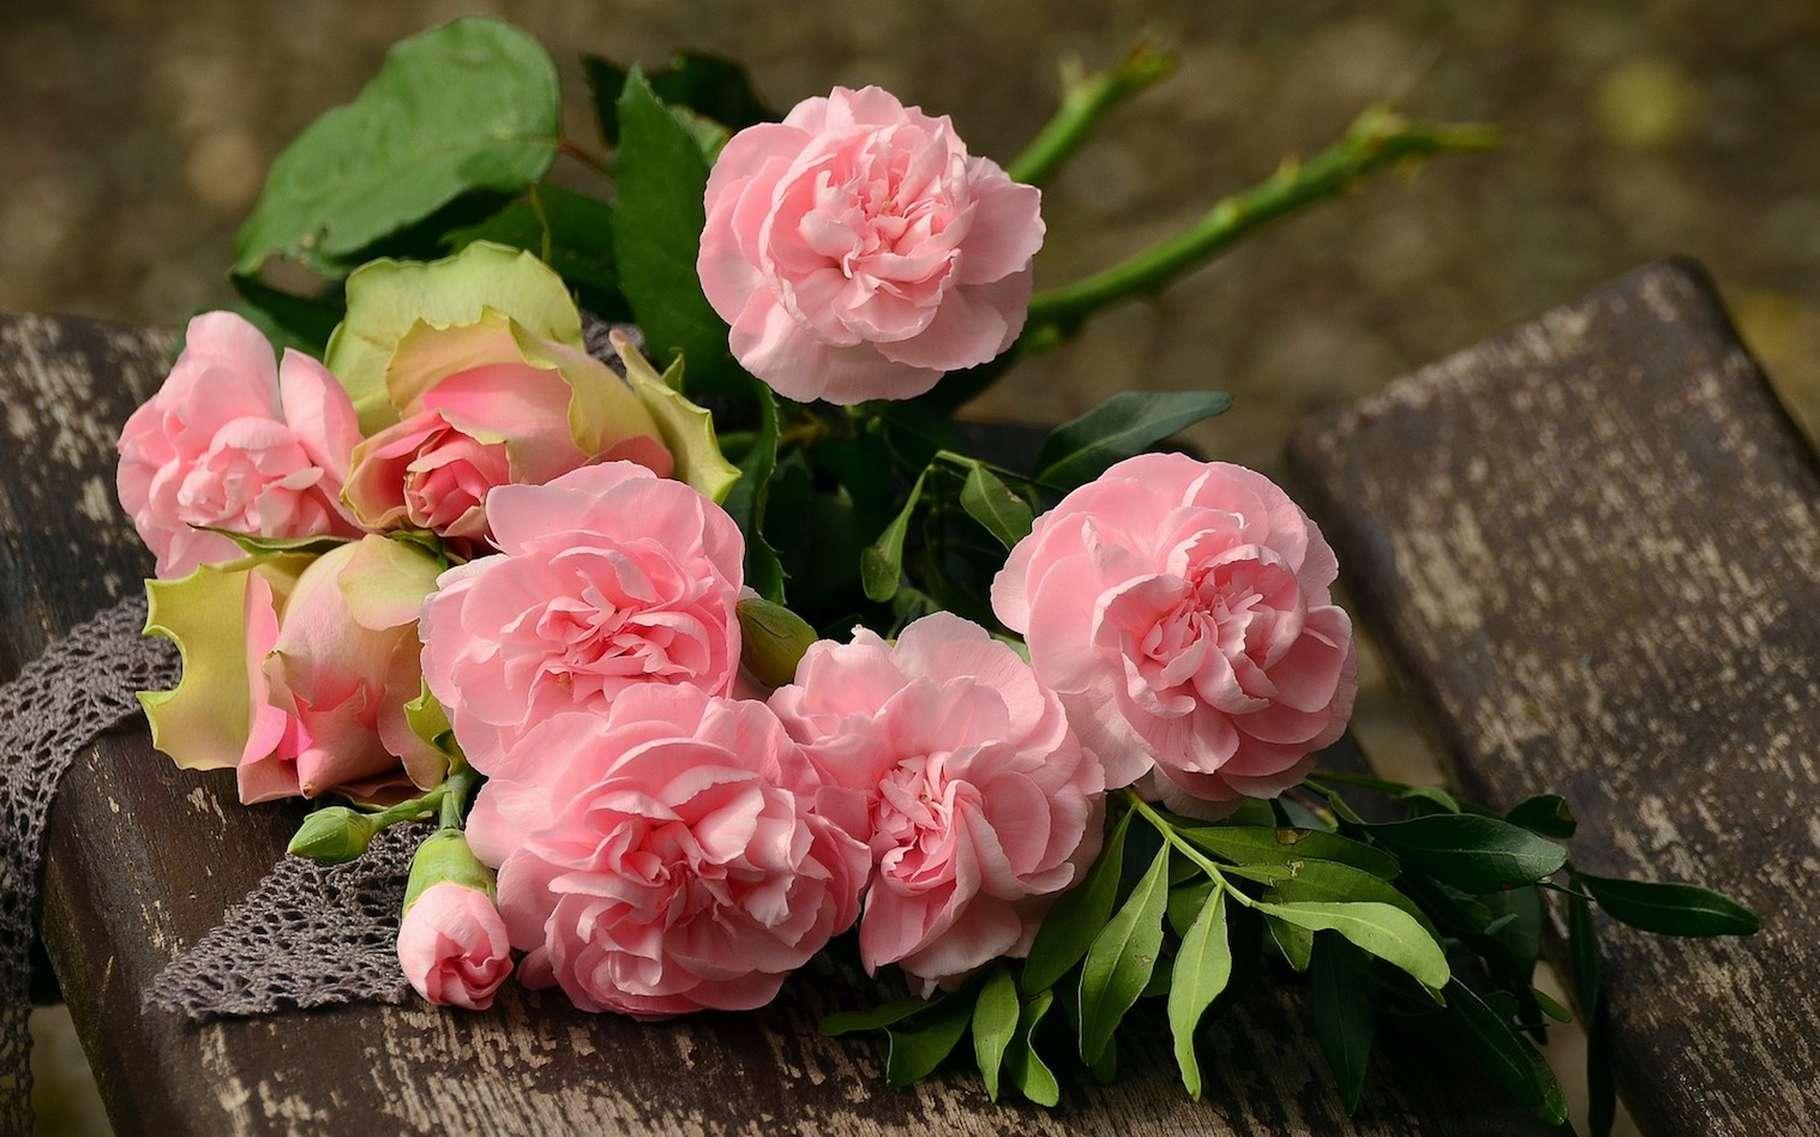 La plupart des femmes sont séduites par un homme qui leur offre des fleurs. La faute au principe du handicap? © congerdesign, Pixabay, CC0 Creative Commons